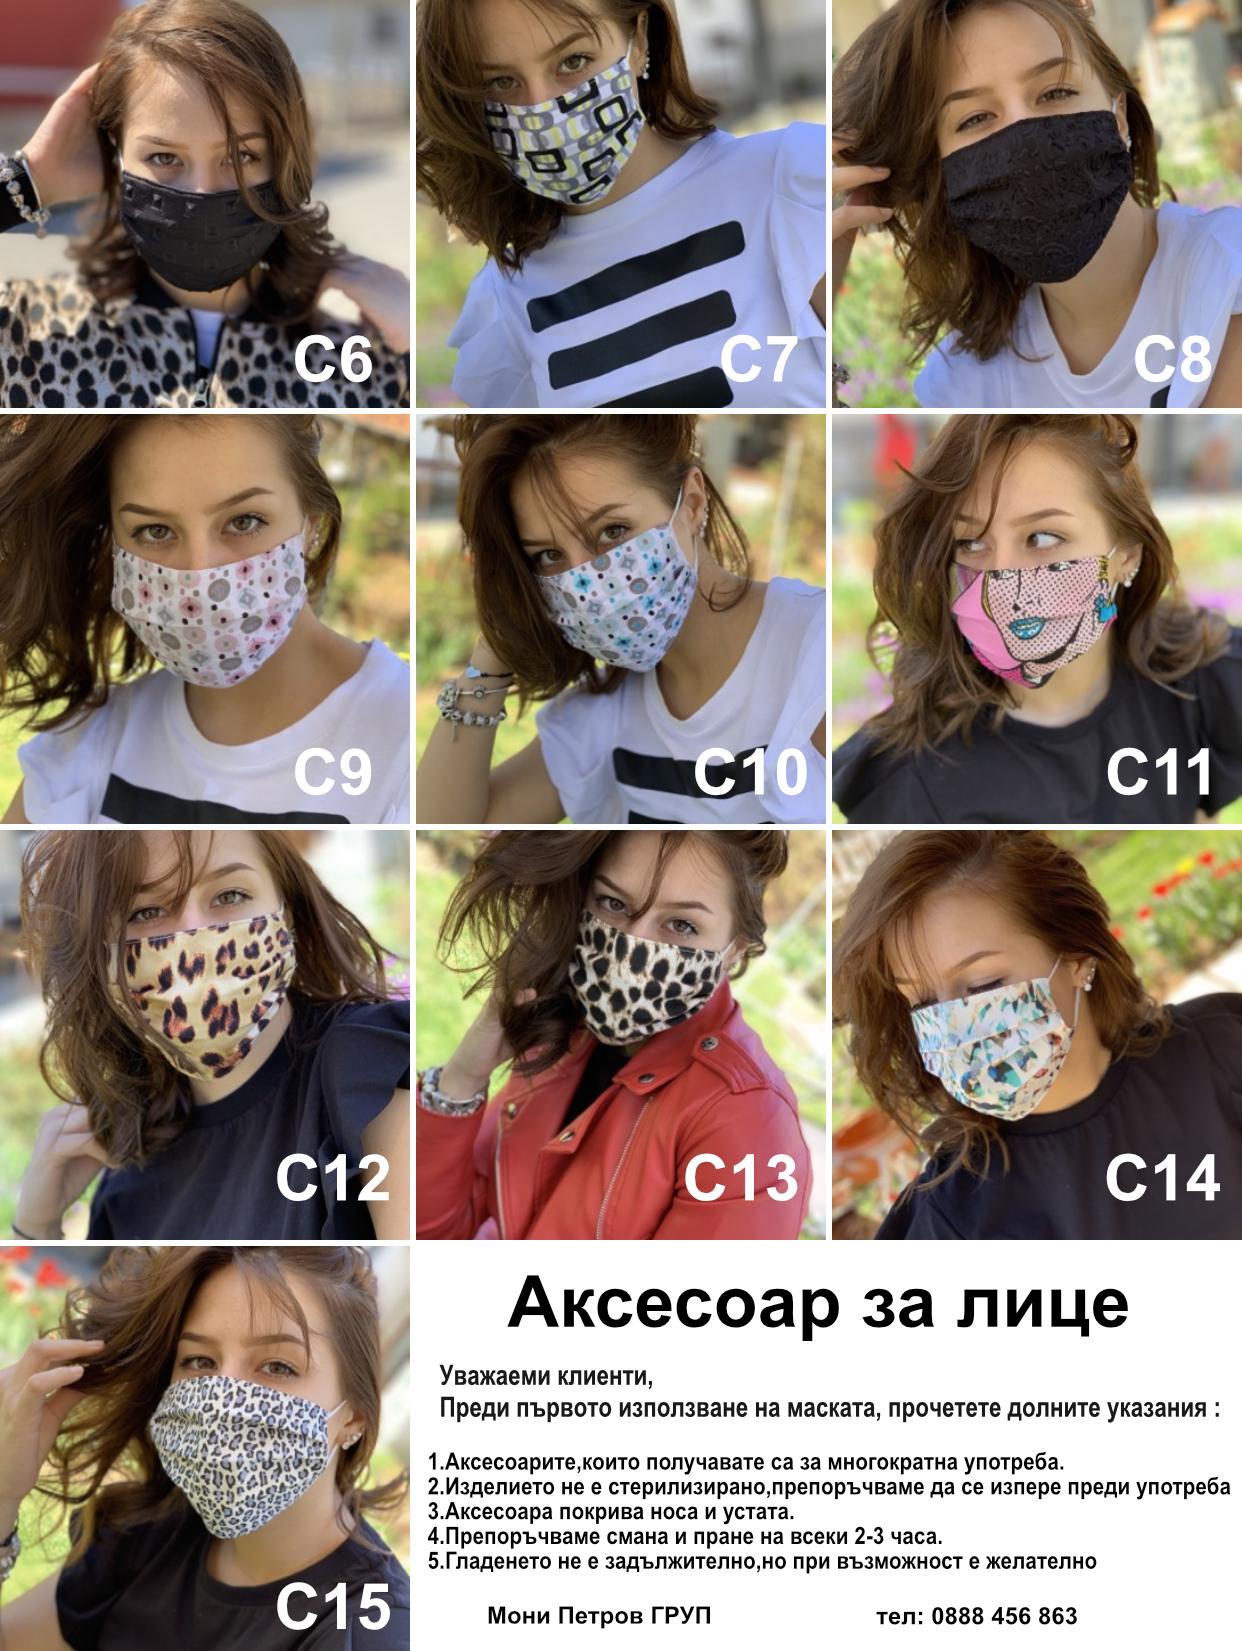 АКСЕСОАР ЗА ЛИЦЕ МОДЕЛ С7 1